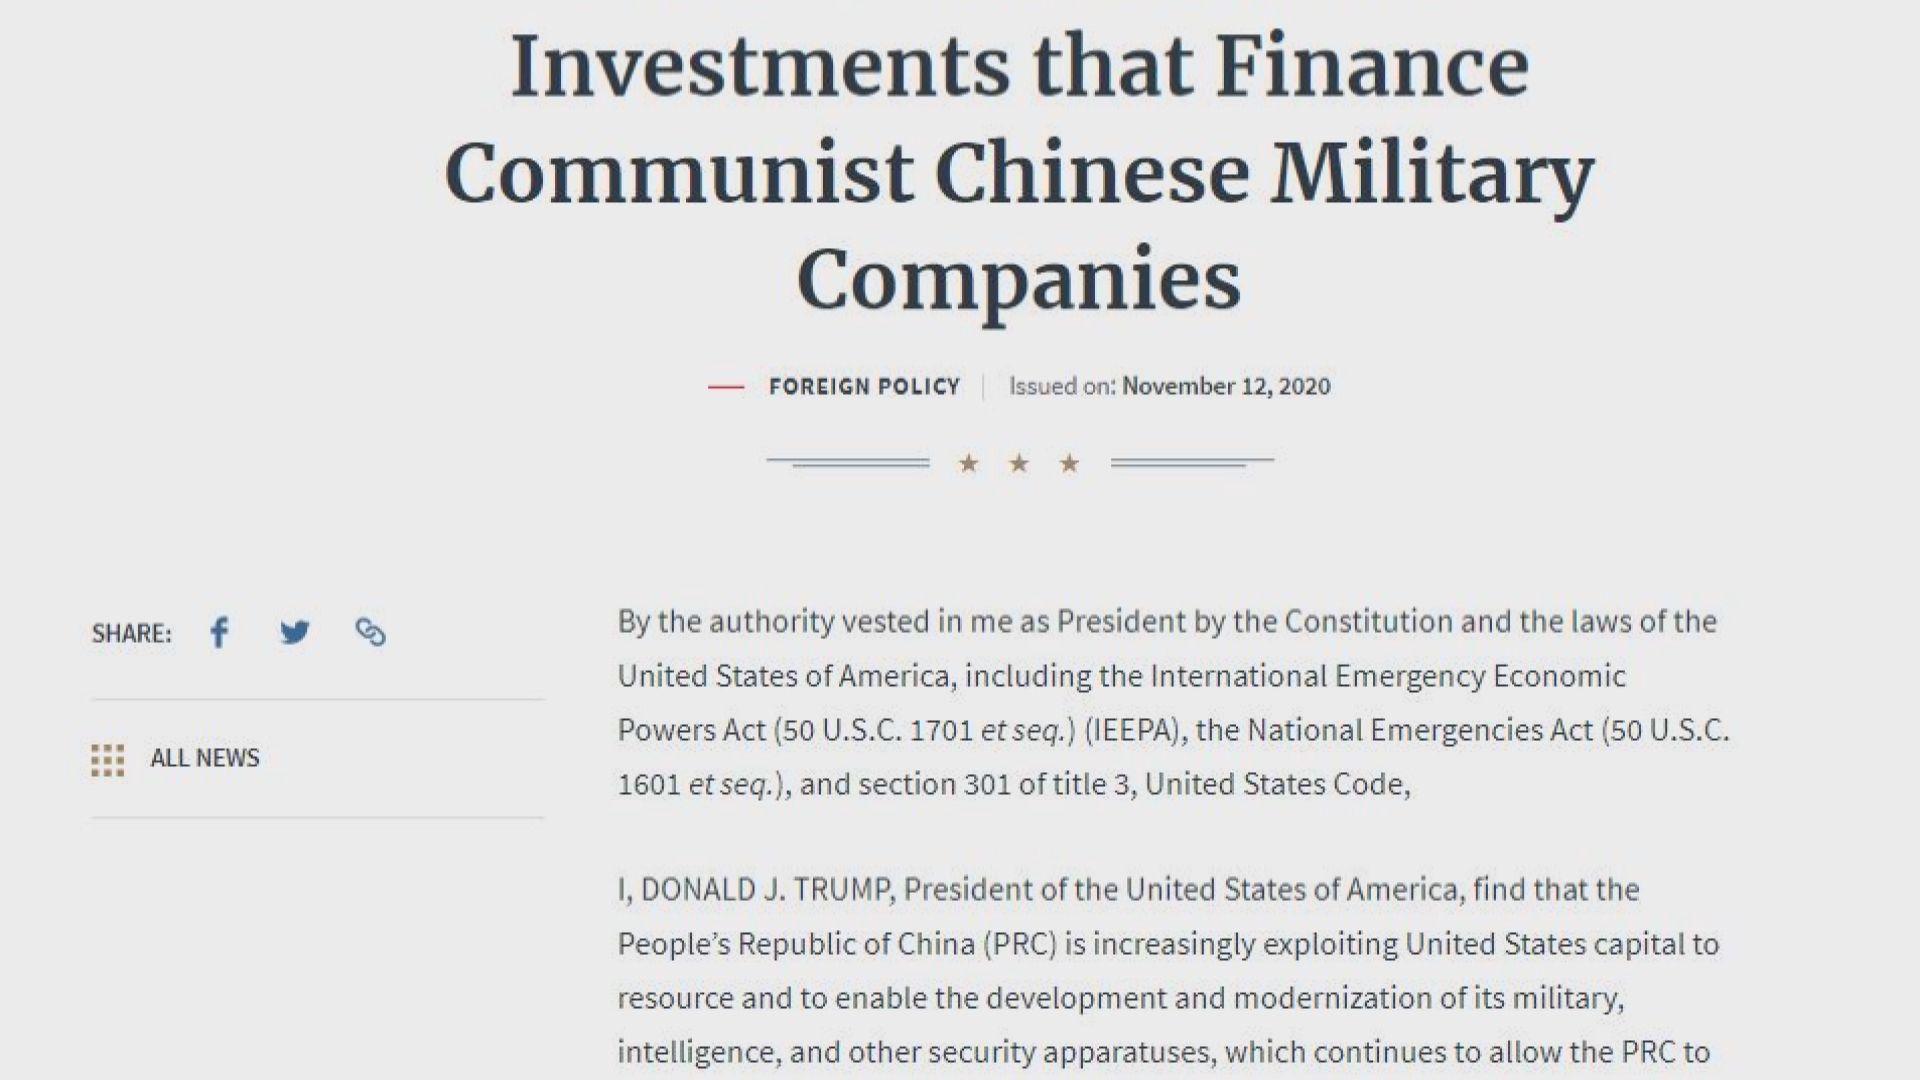 特朗普簽令禁止投資部分涉中國軍方企業